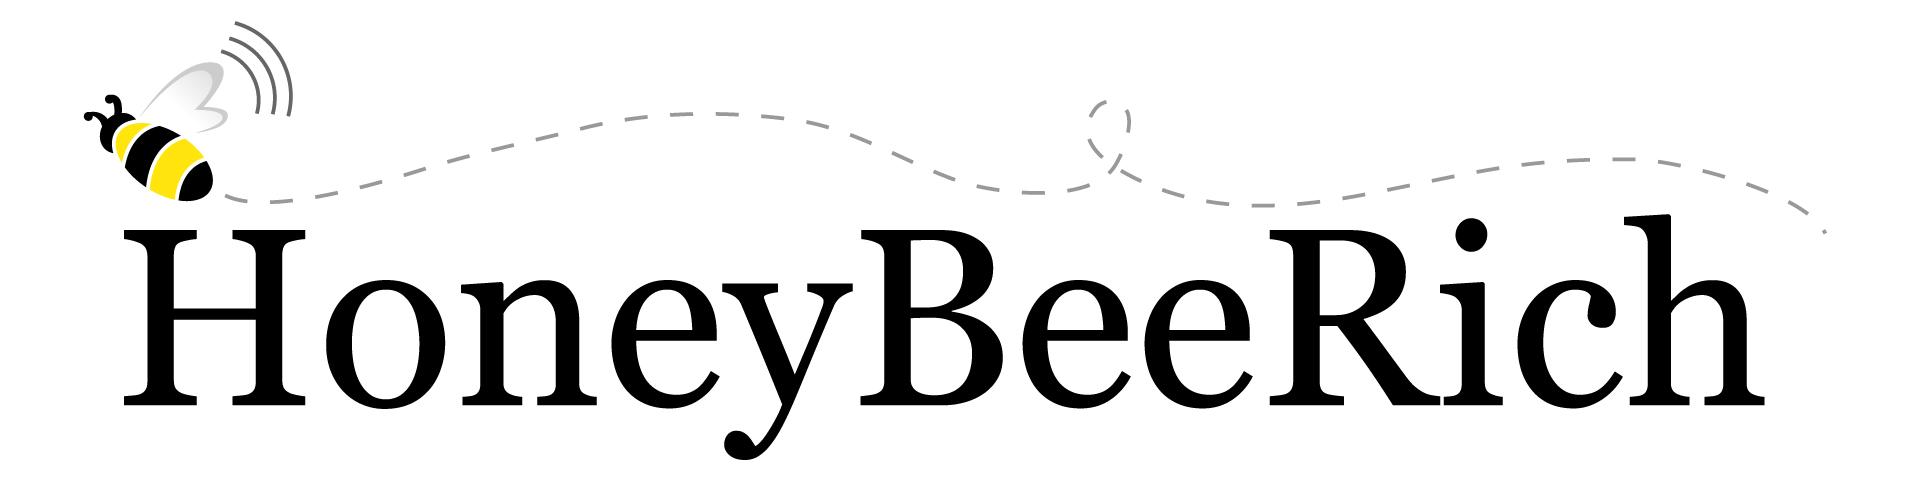 HoneyBeeRich